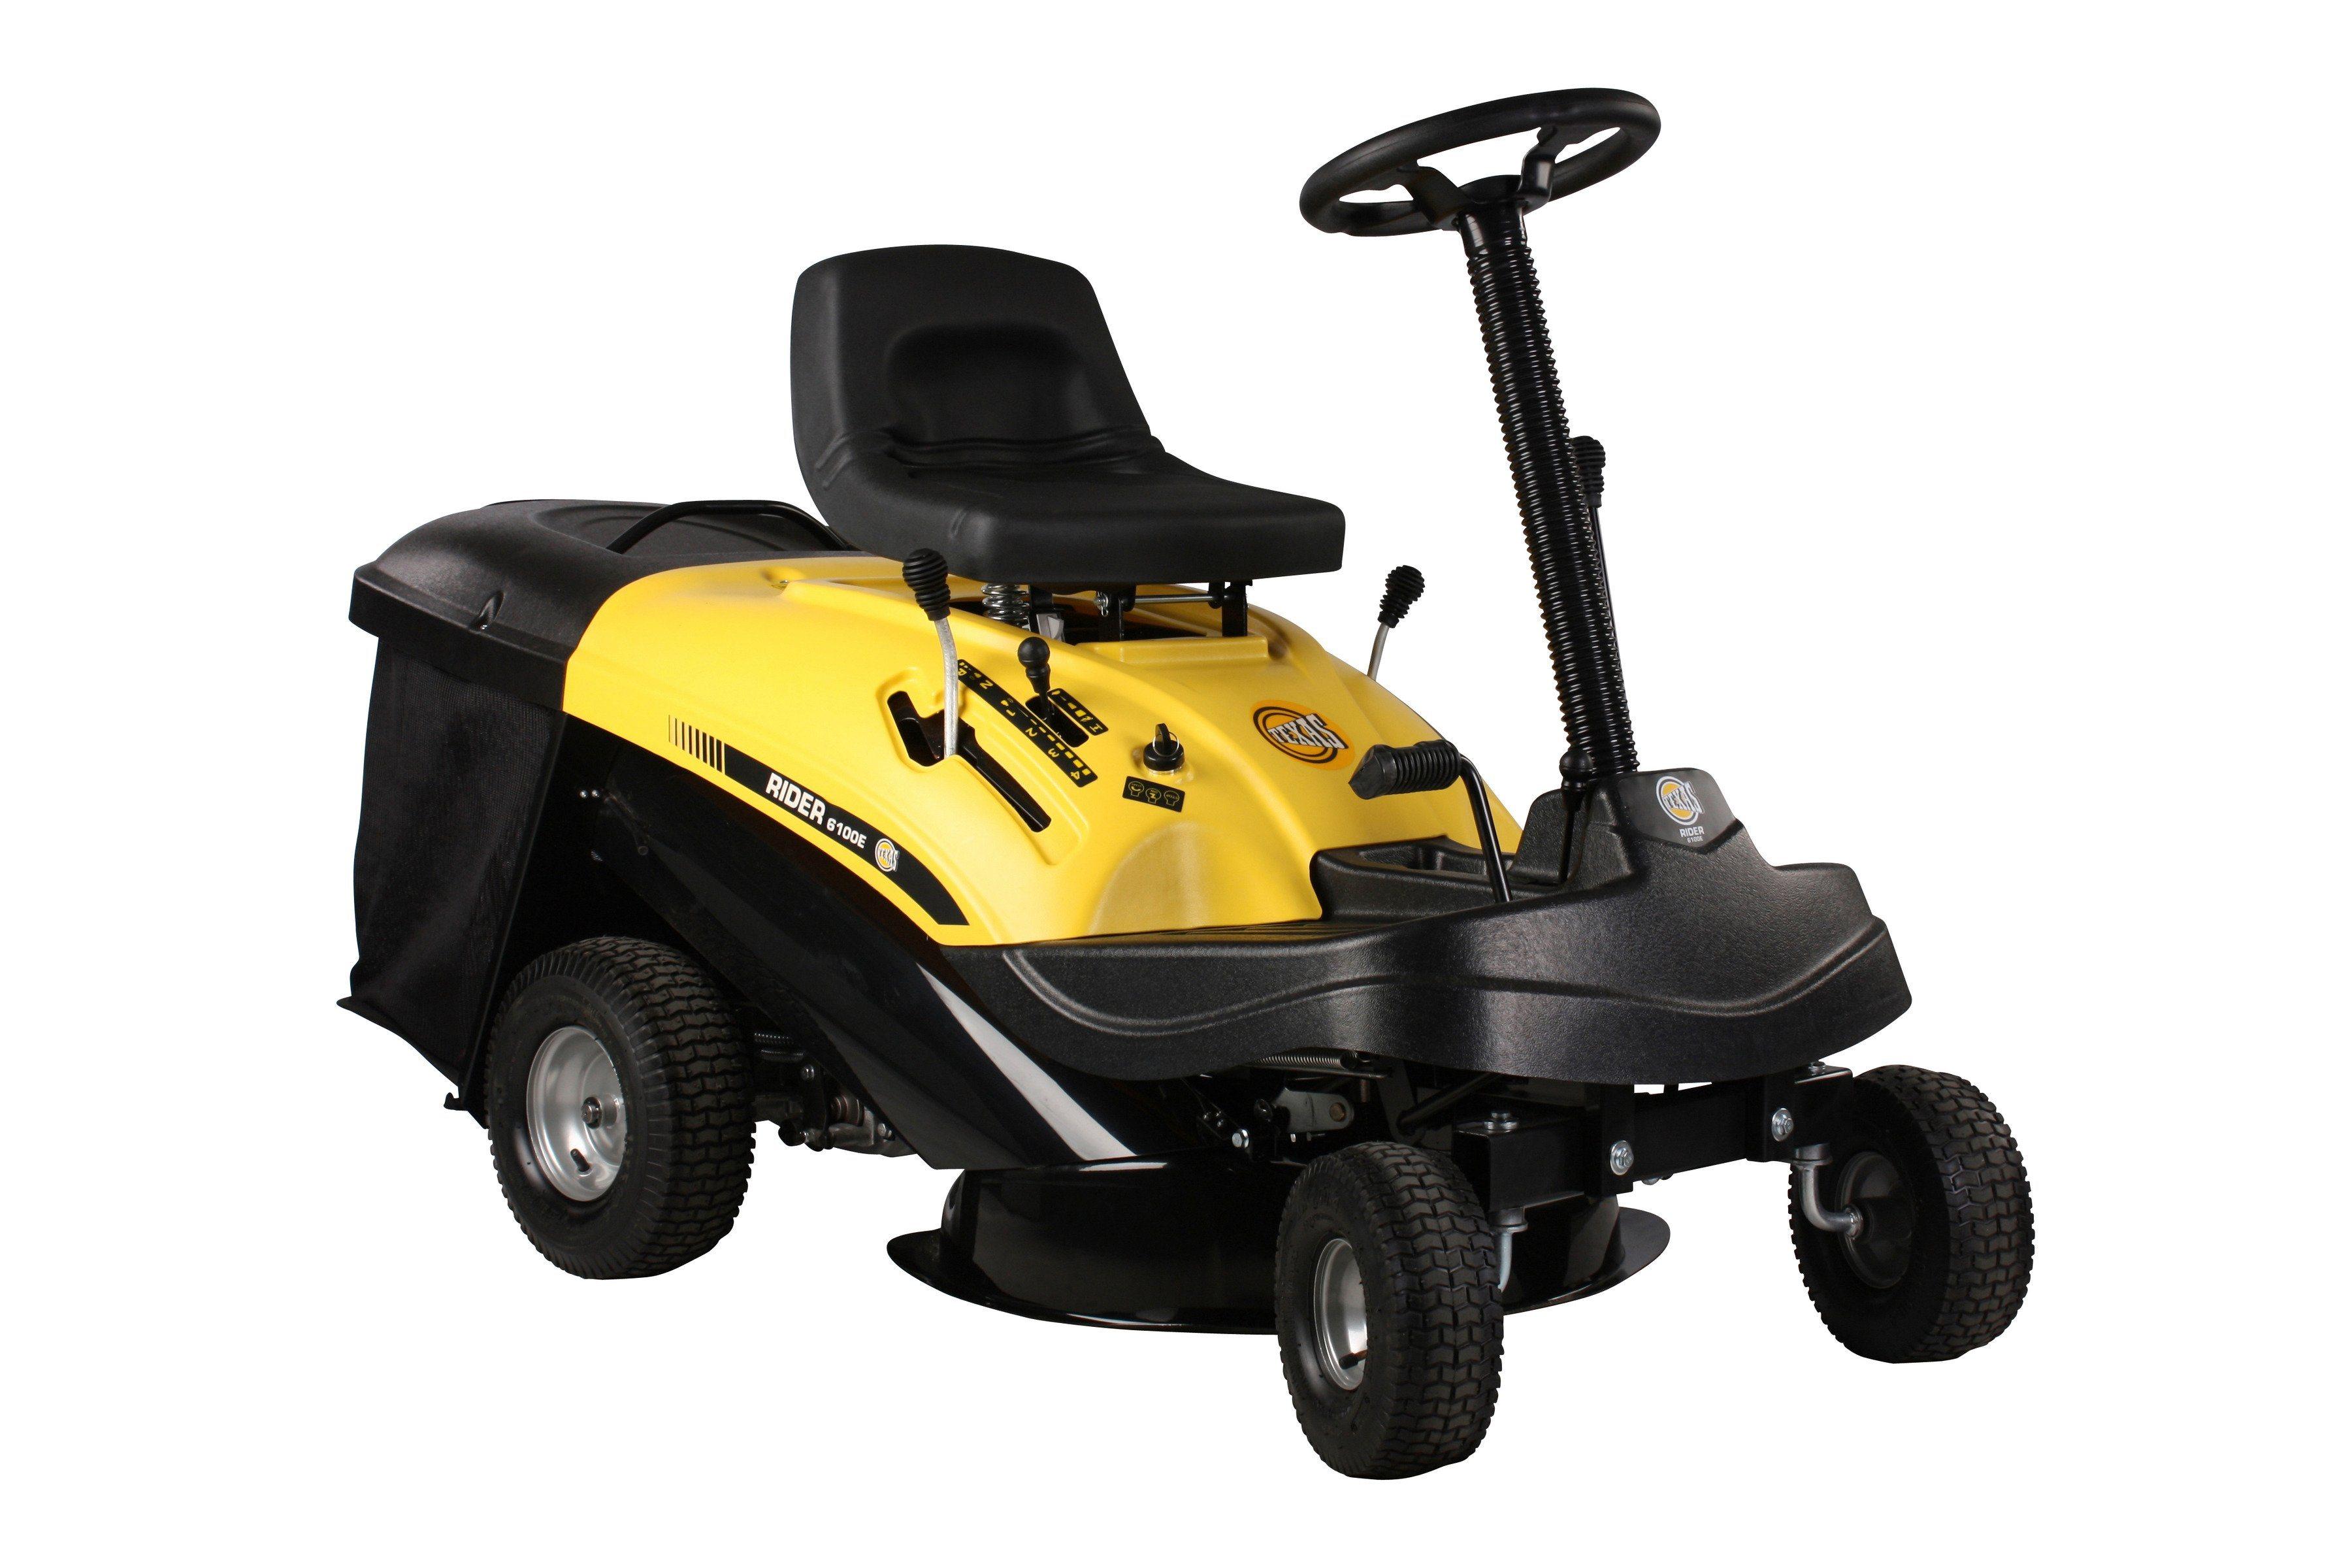 TEXAS Rasentraktor »Rider 6100E«, 61 cm Schnittbreite | Garten > Rasenmäher und Rasentraktoren | Texas